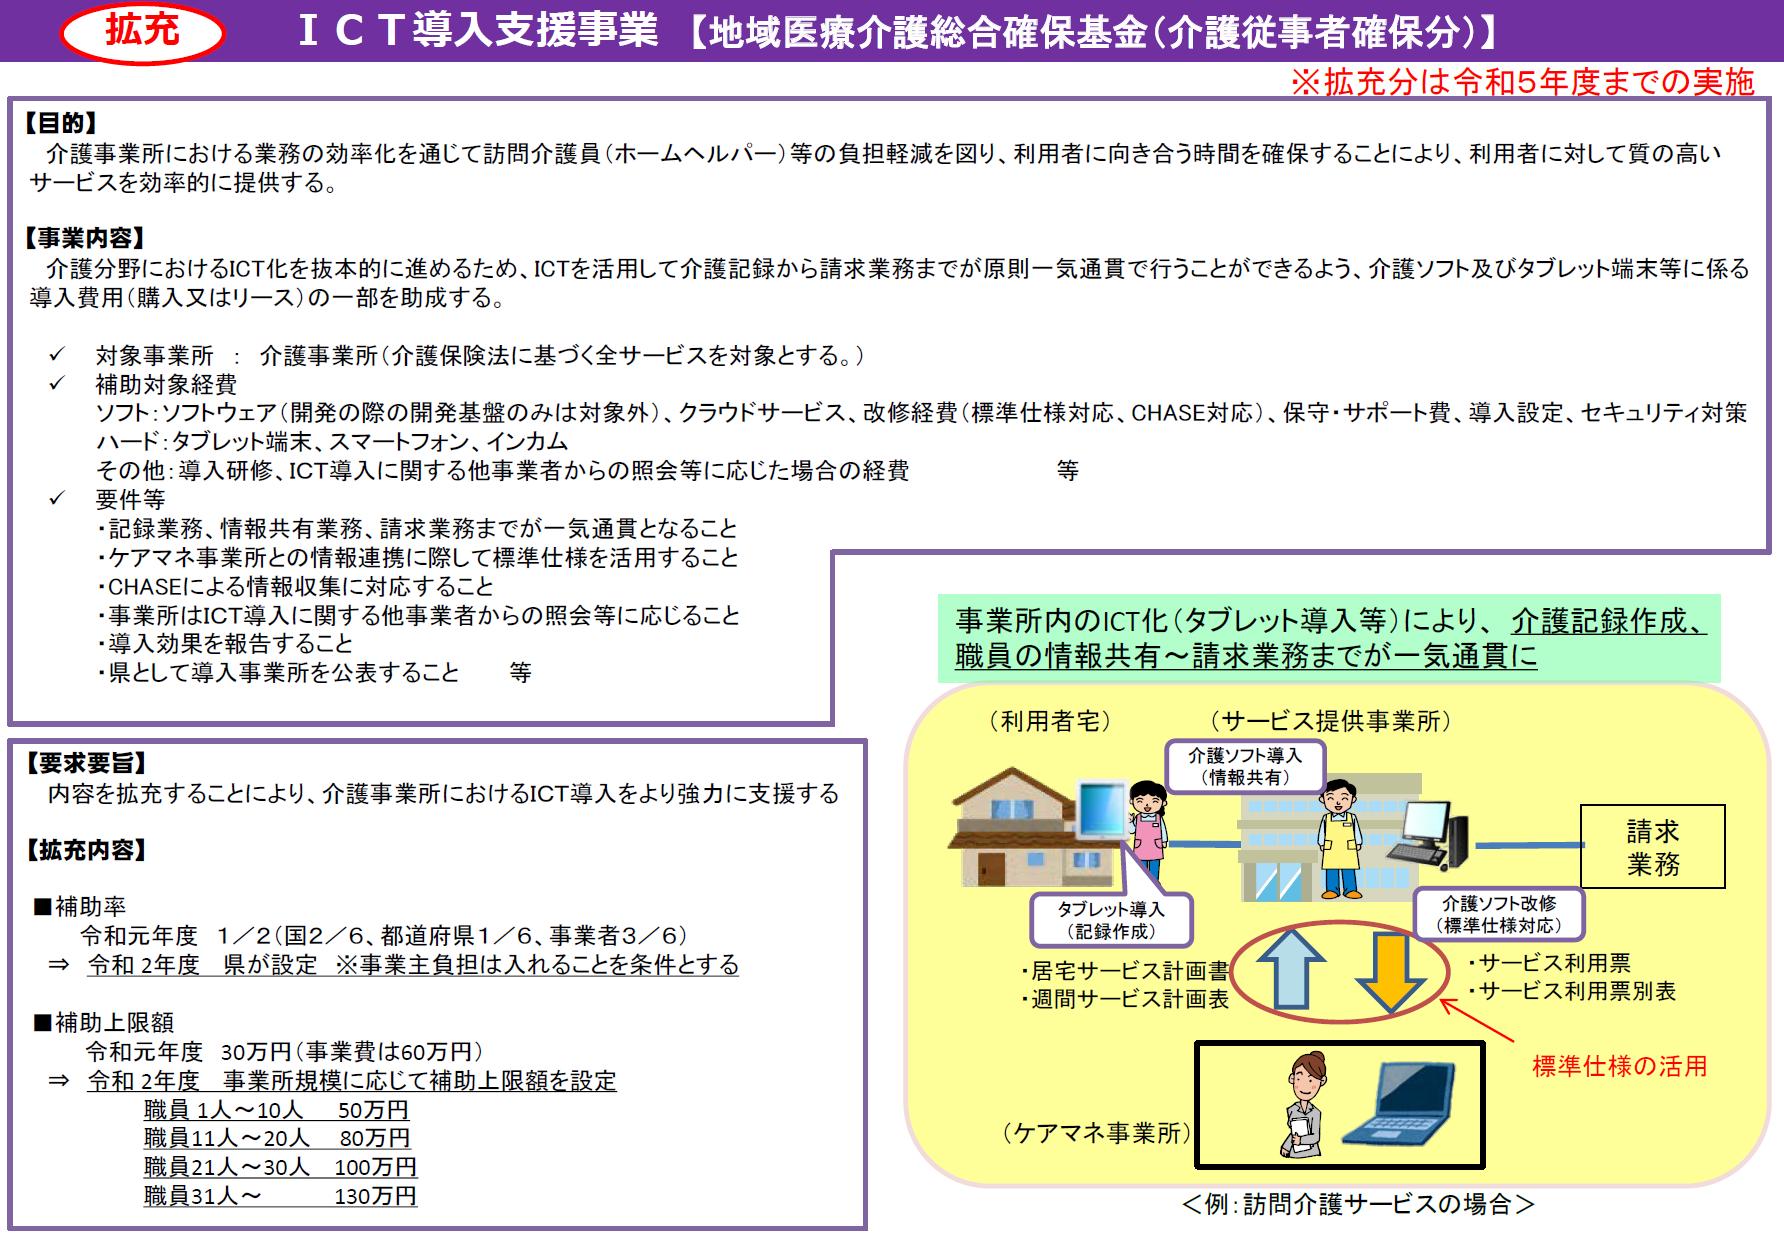 【トリケアトプスは、『ICT補助金対象ソフト』です】